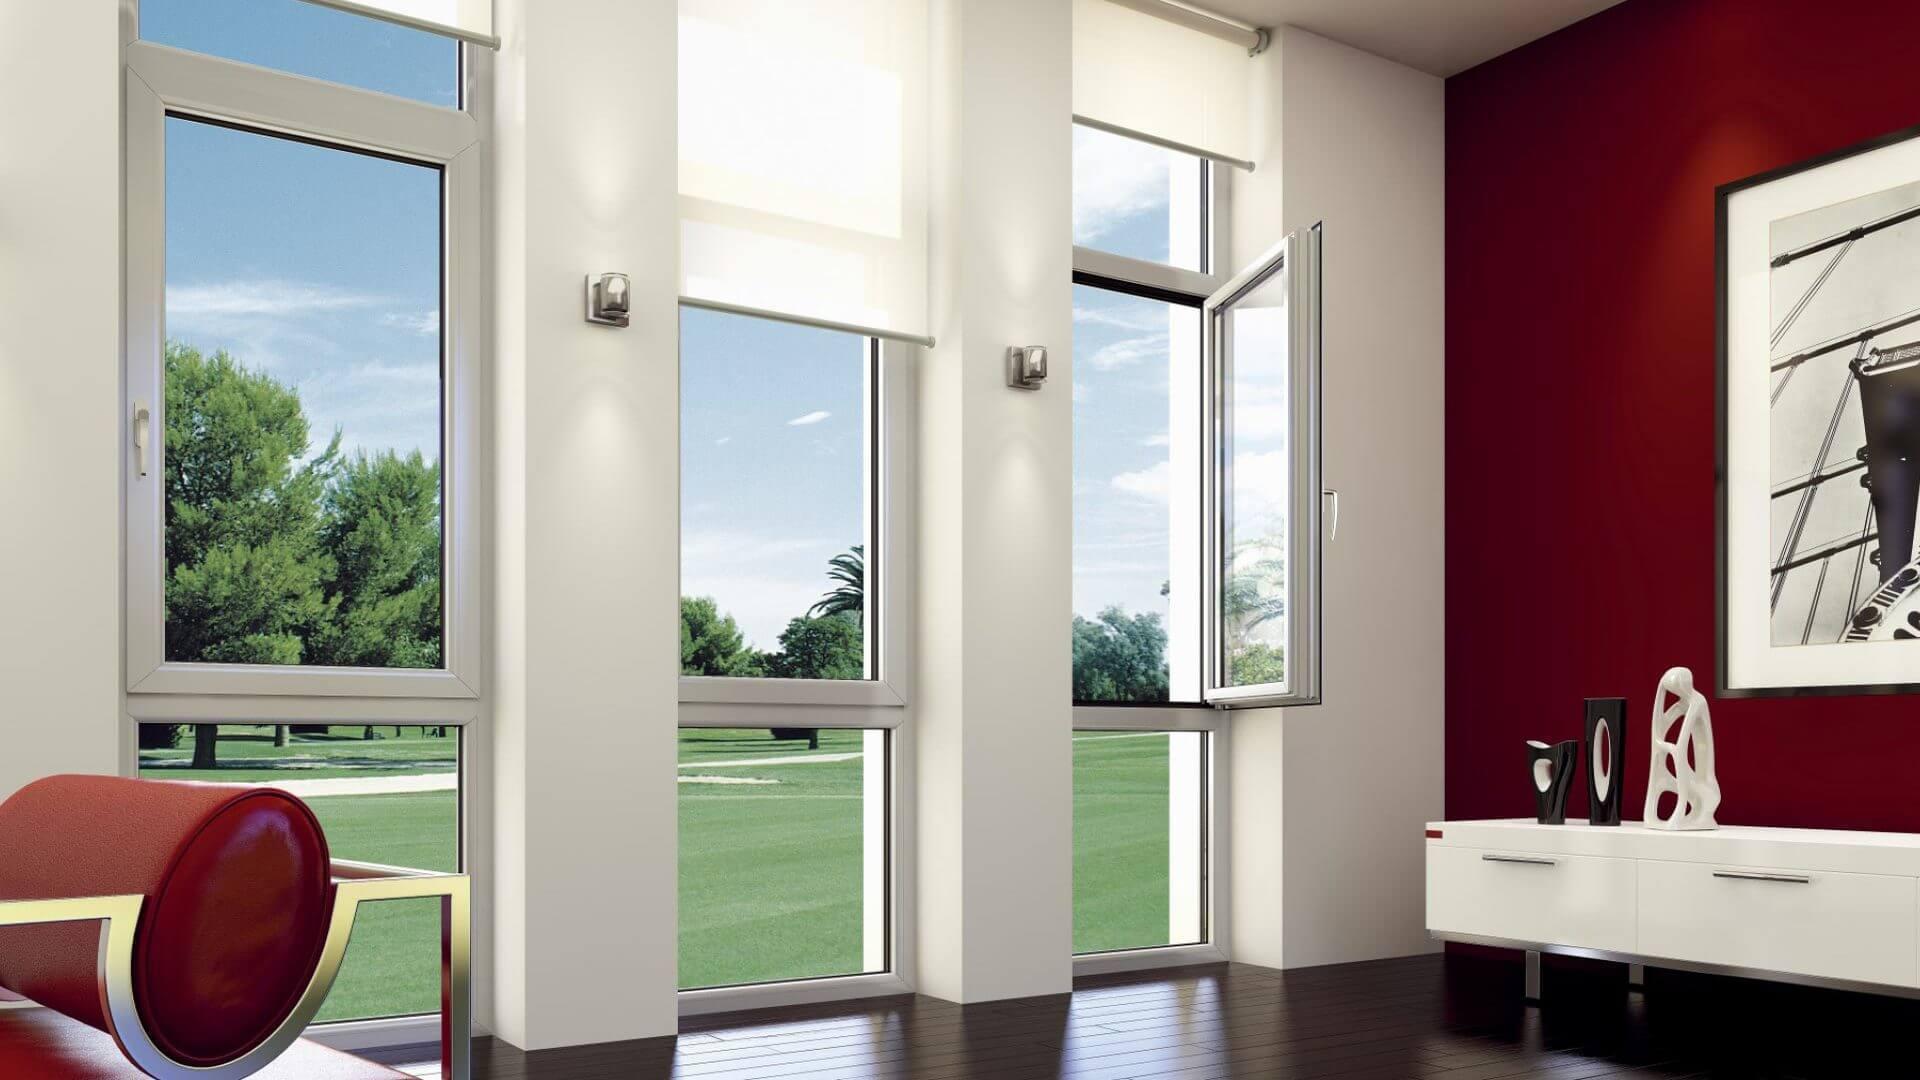 Aluminium Casement Windows, Doors in Hyderabad, India | Krisp Systems